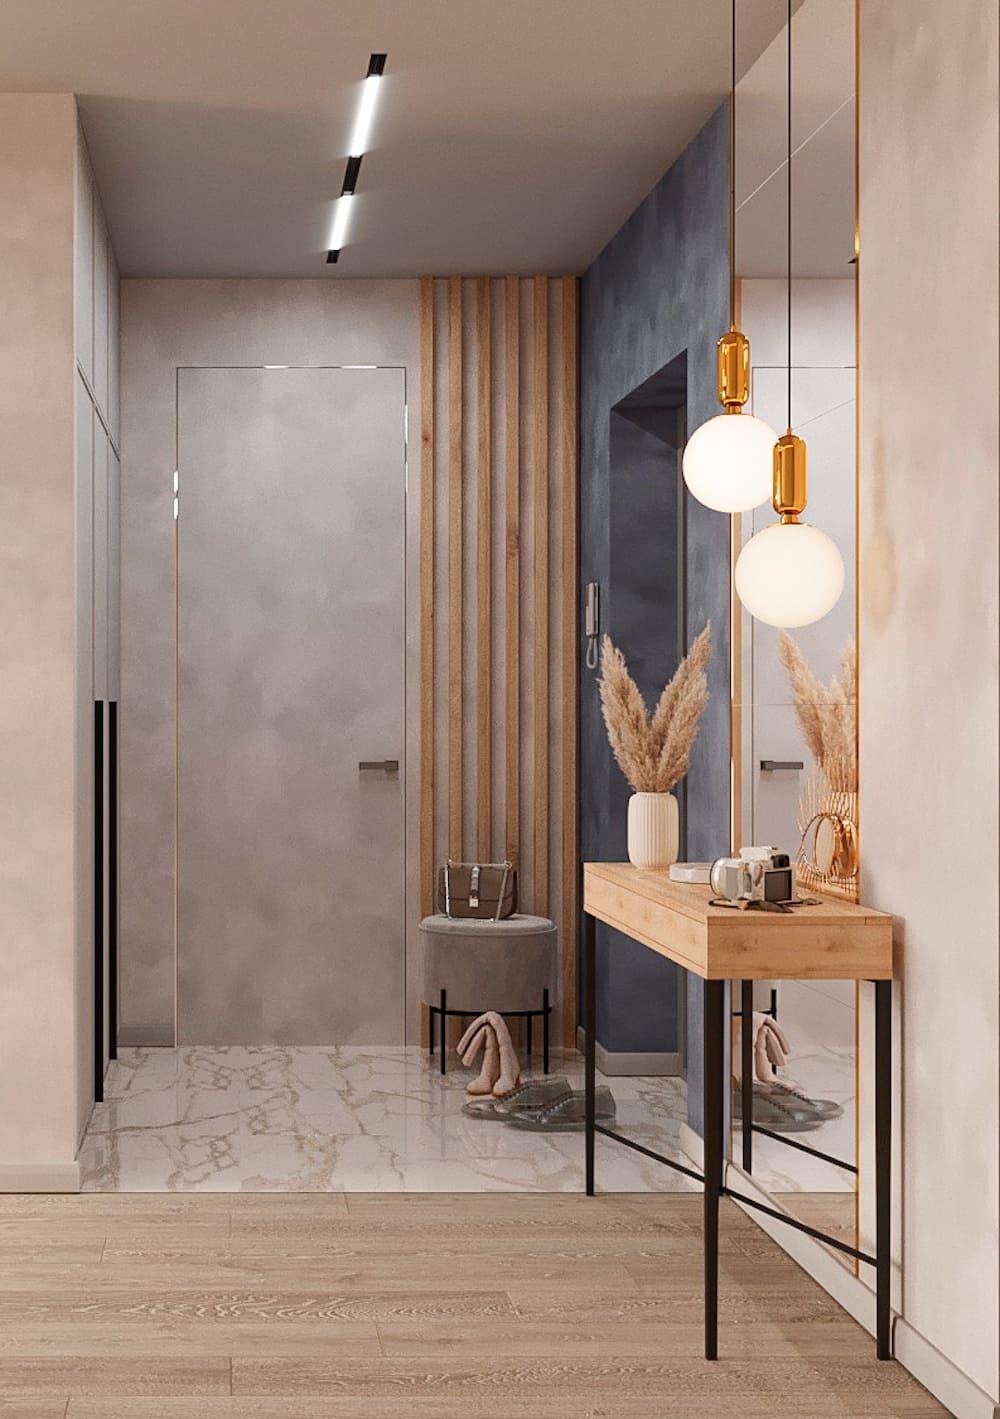 design d'intérieur couloir photo 7